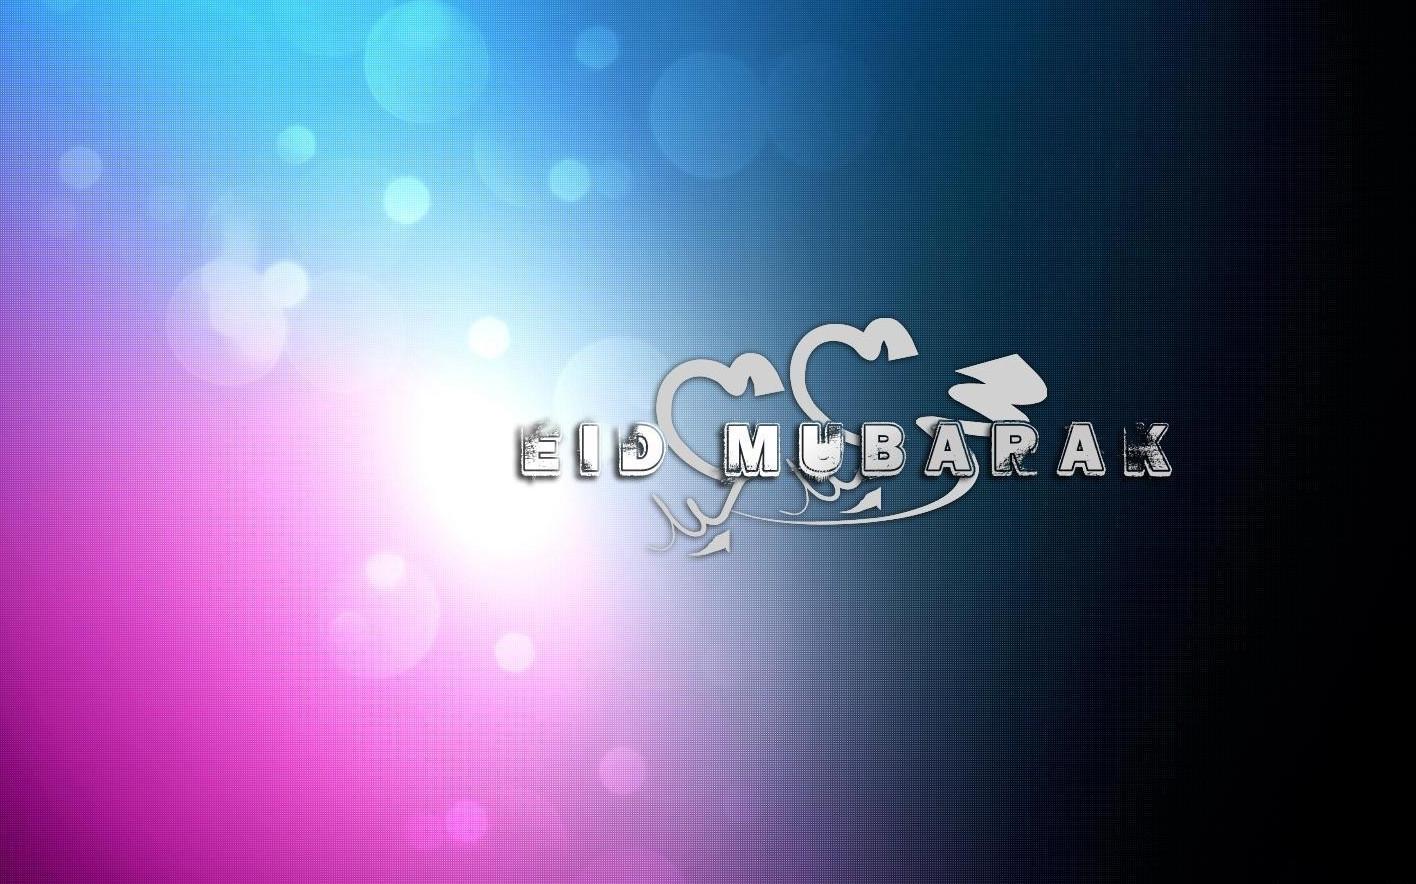 Beautiful Eid al Fitr Mubarak Greetings in English